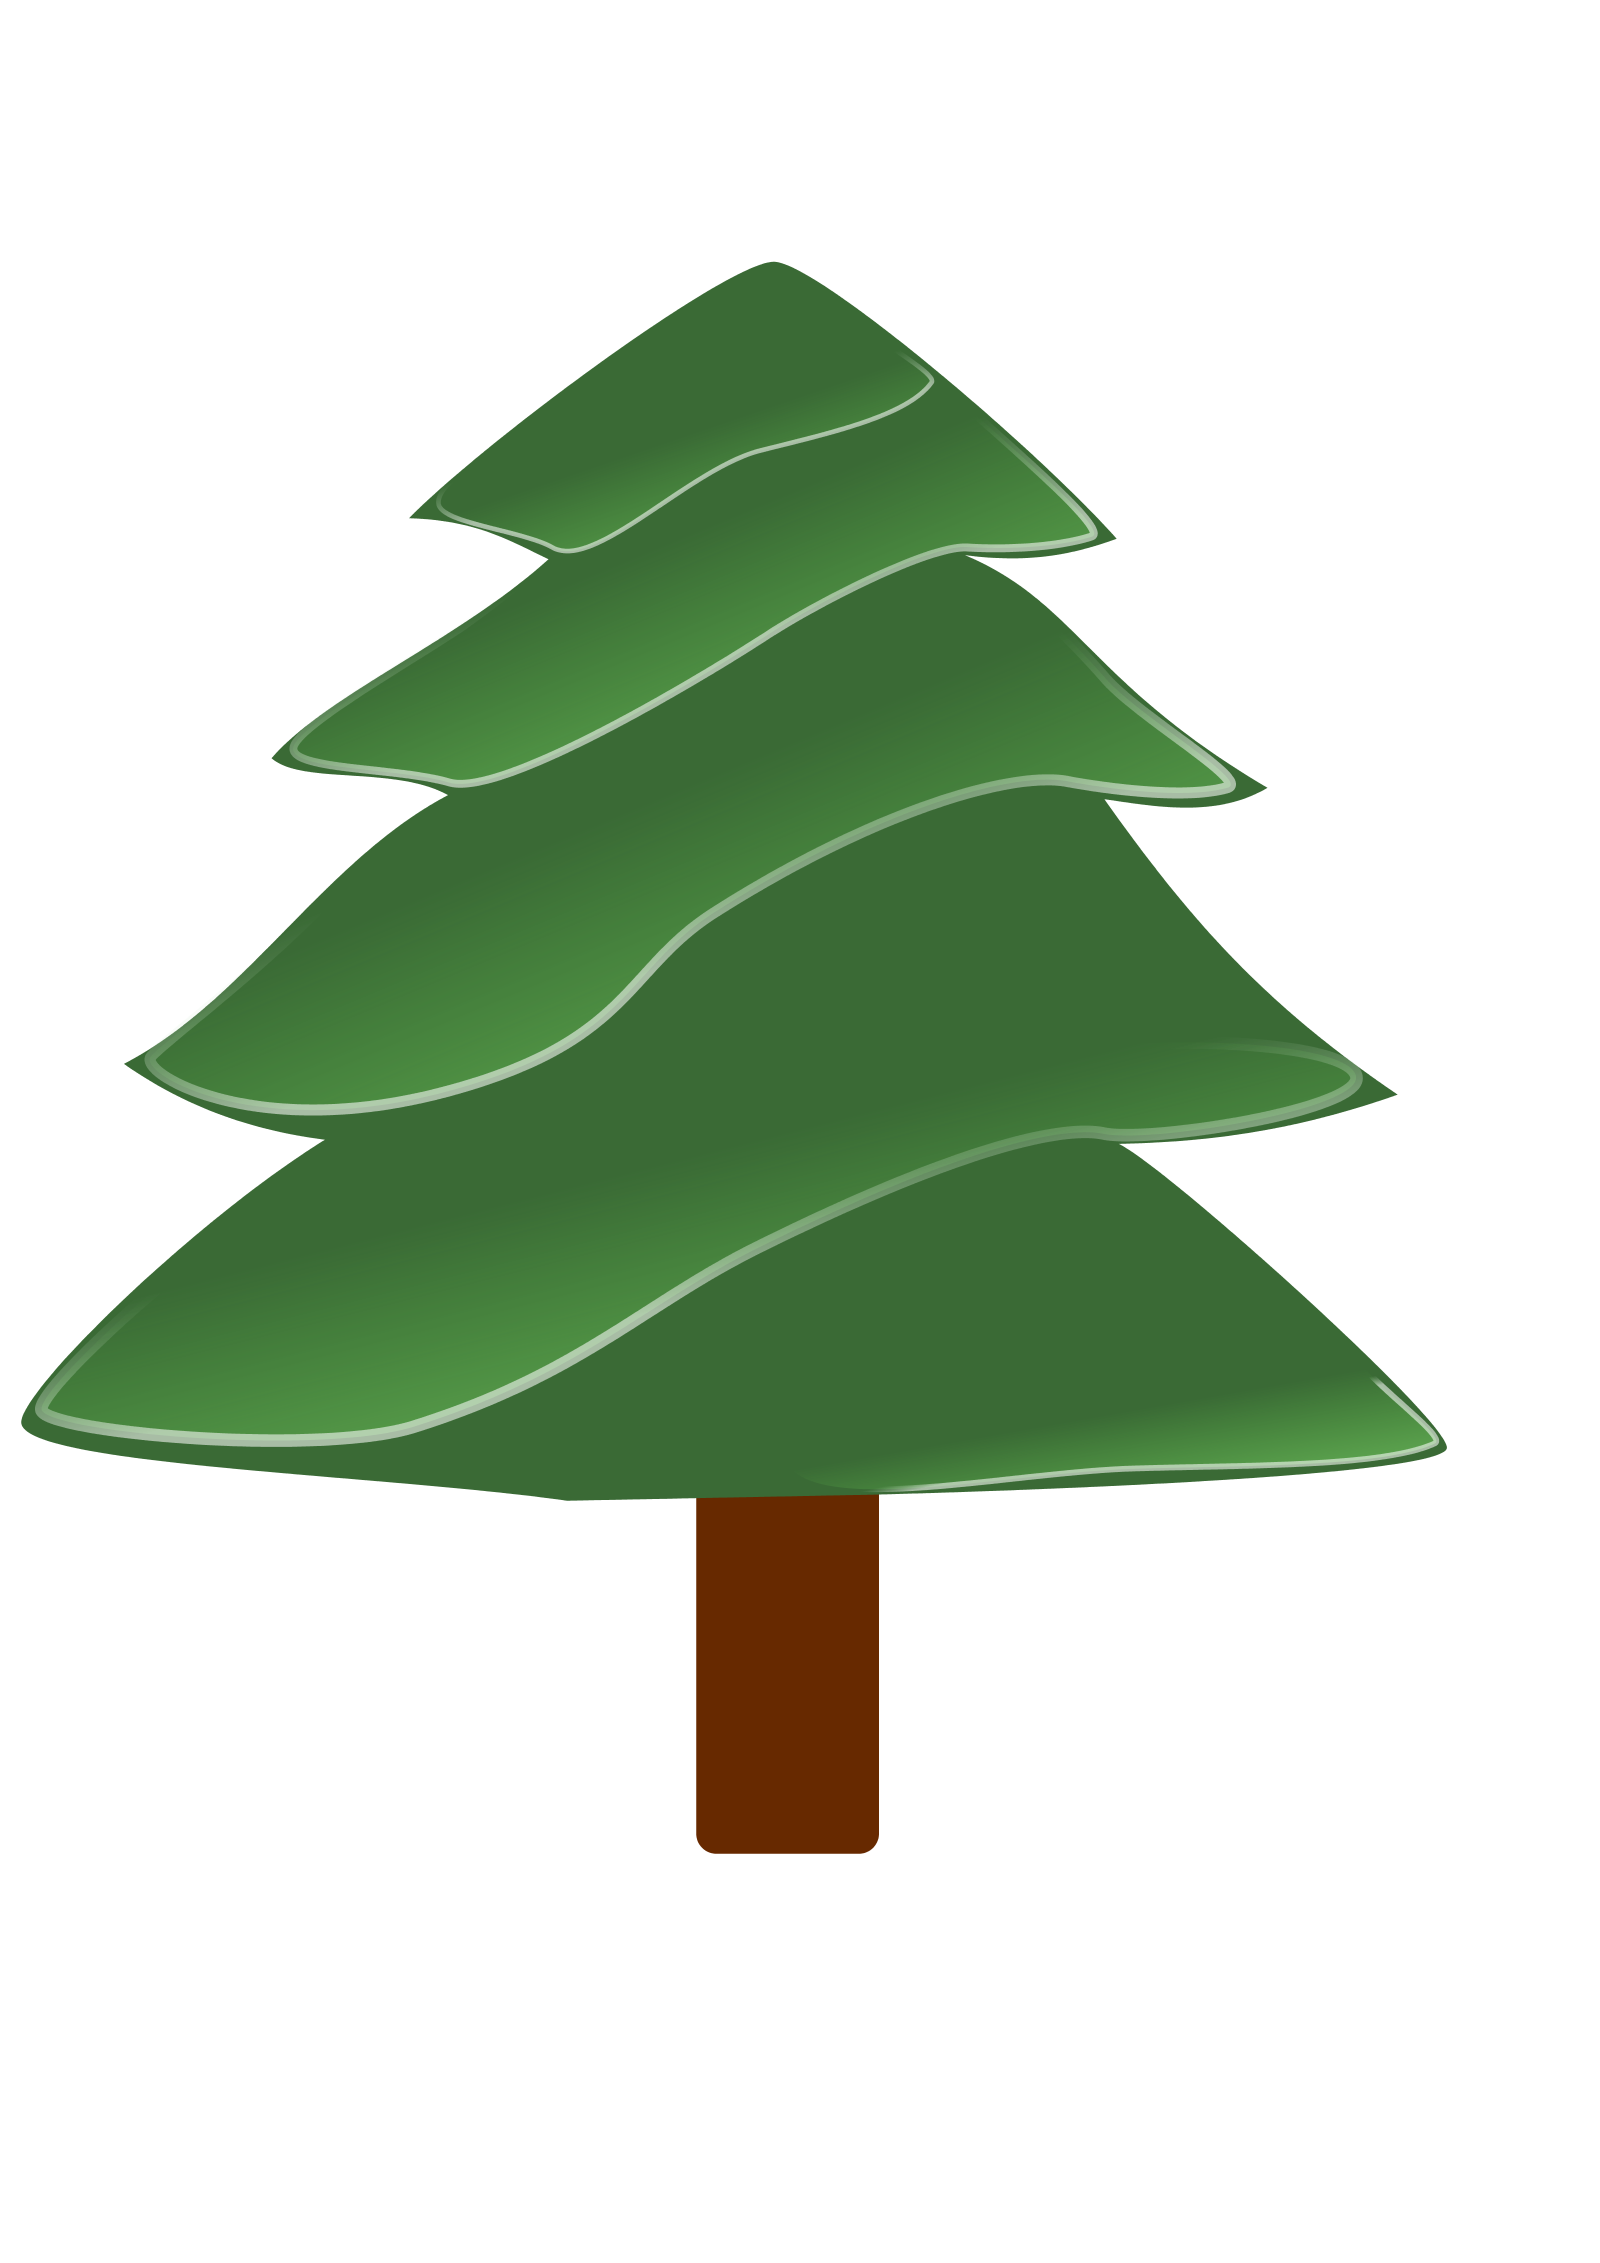 Evergreen Clip Art - ClipArt Best